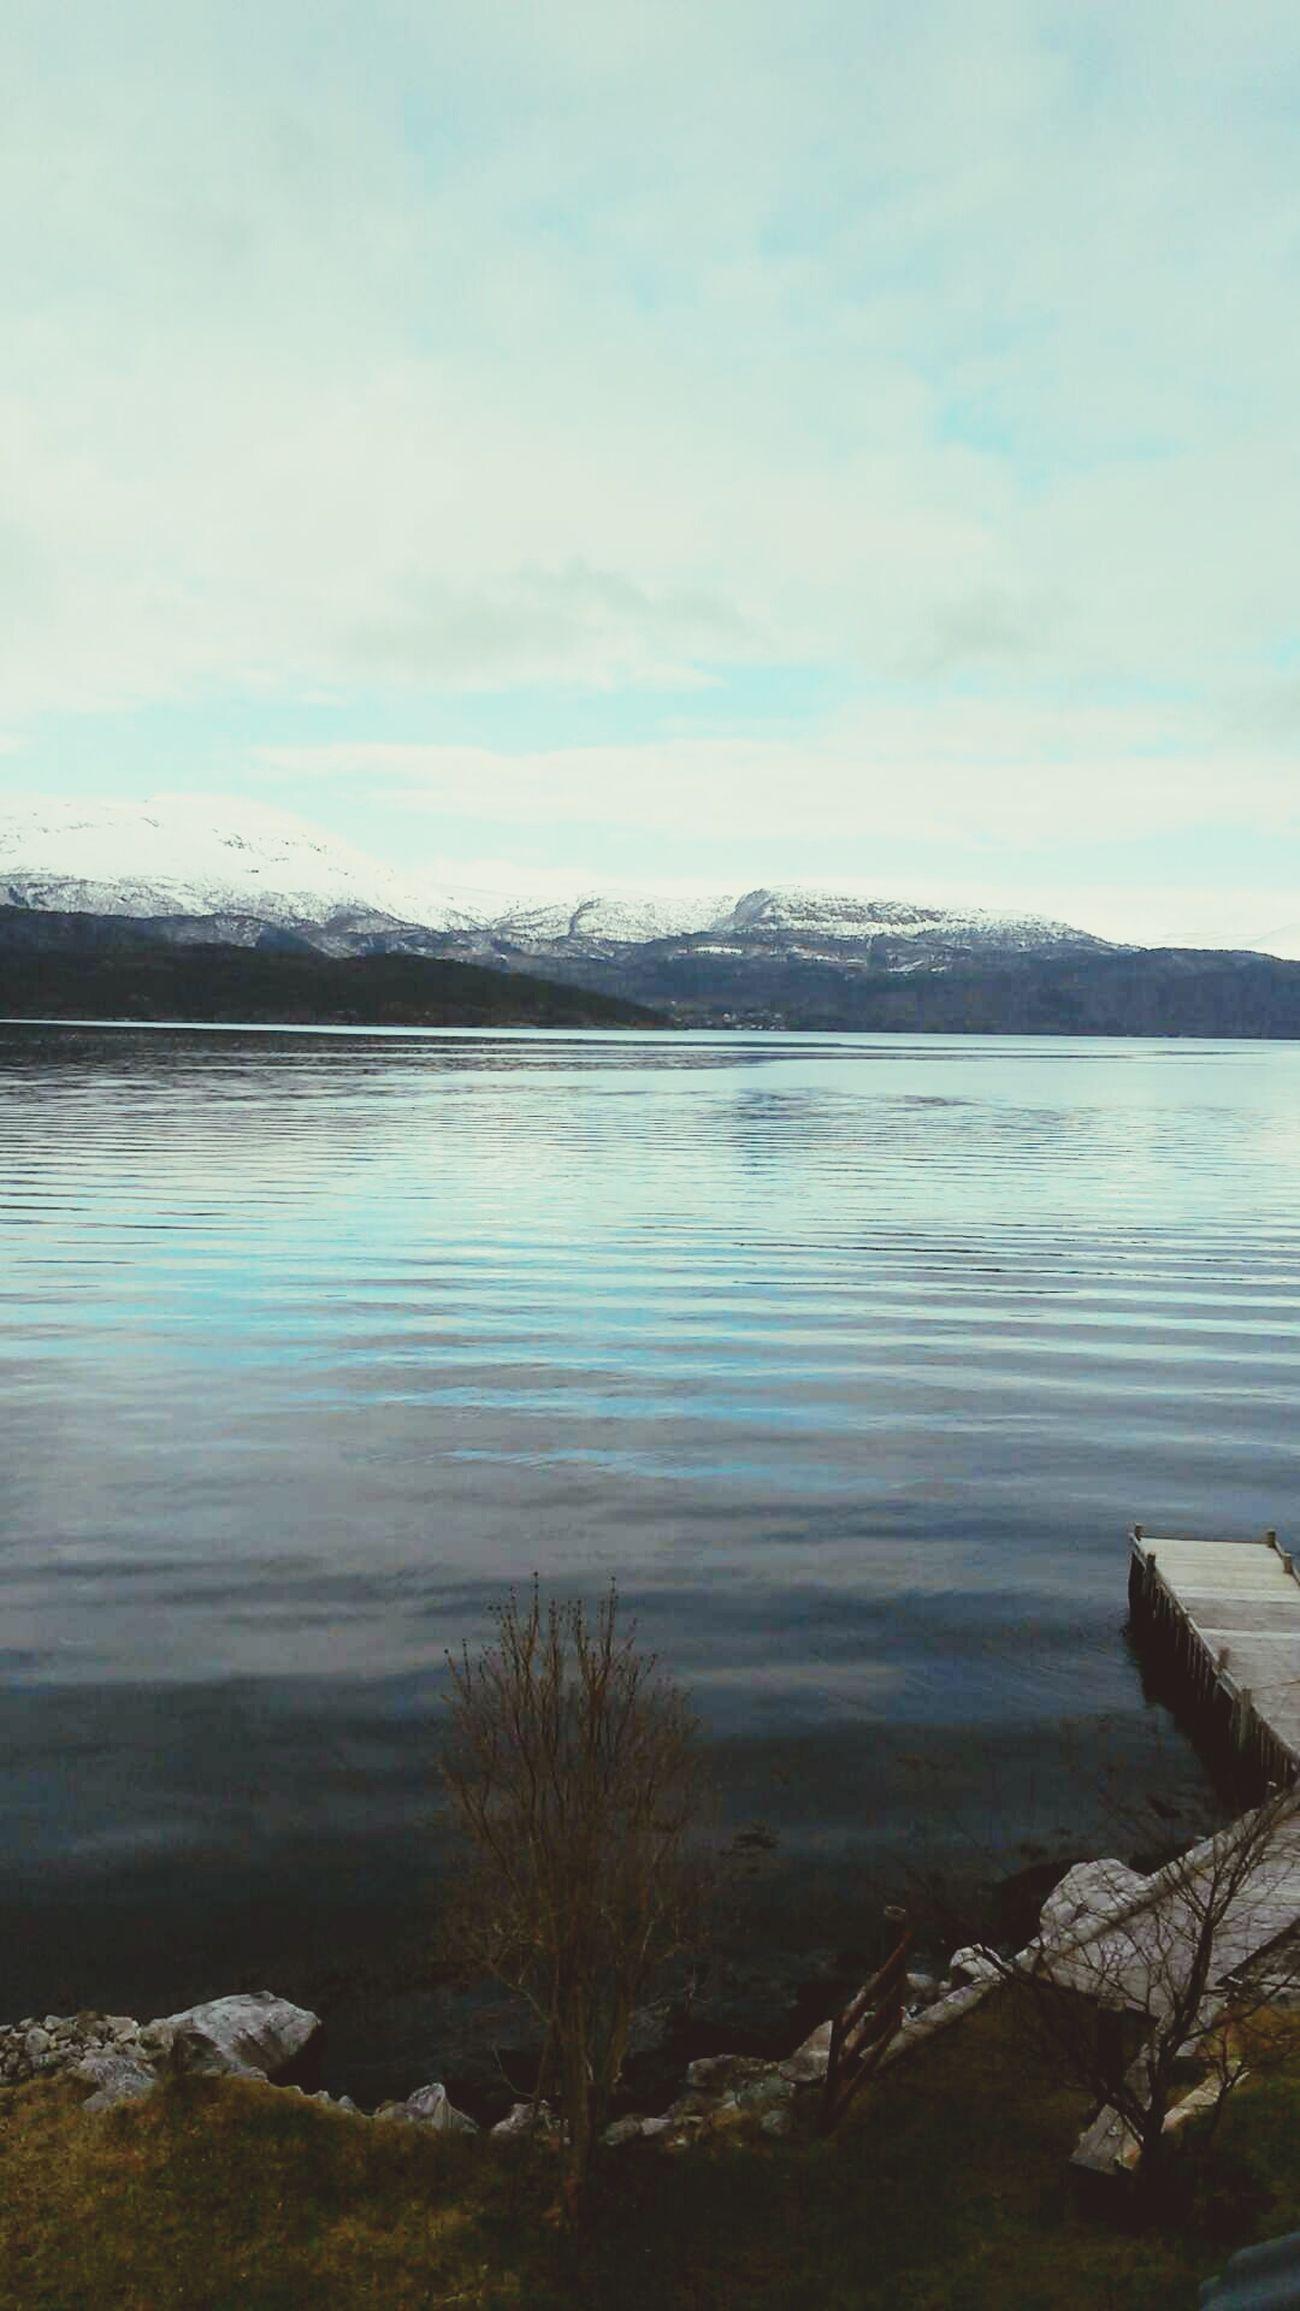 Norway Hardangerfjorden Jondal Mountains Morning View